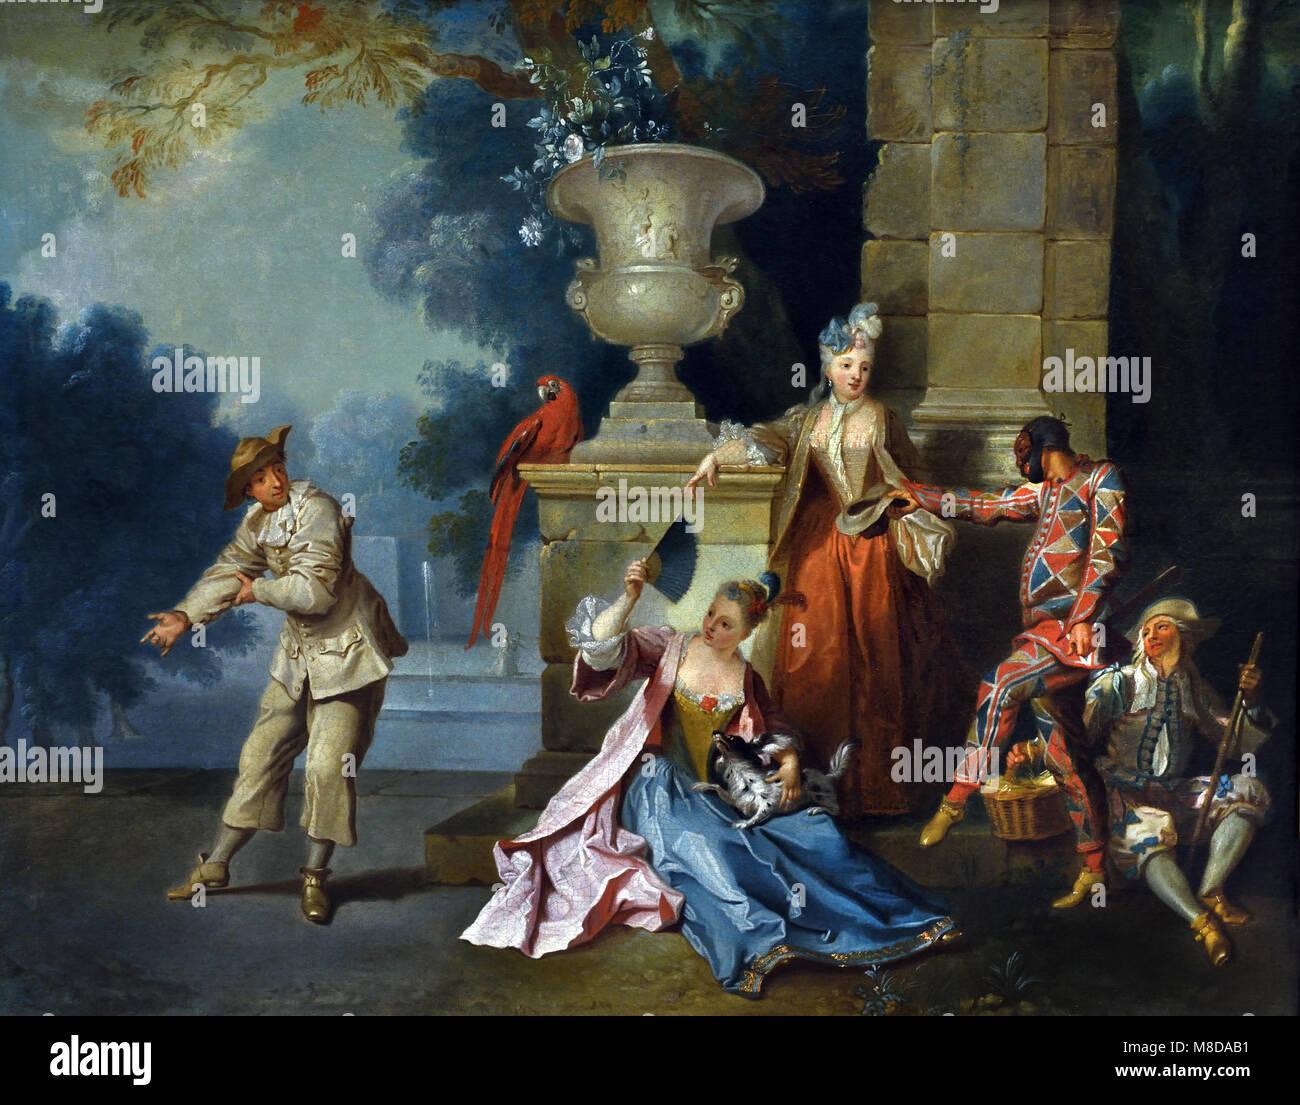 Comediens Italiens Dans un parc-italienischen Komödianten in einem Park von Jean Baptiste Oudry 1686-1755, Stockbild